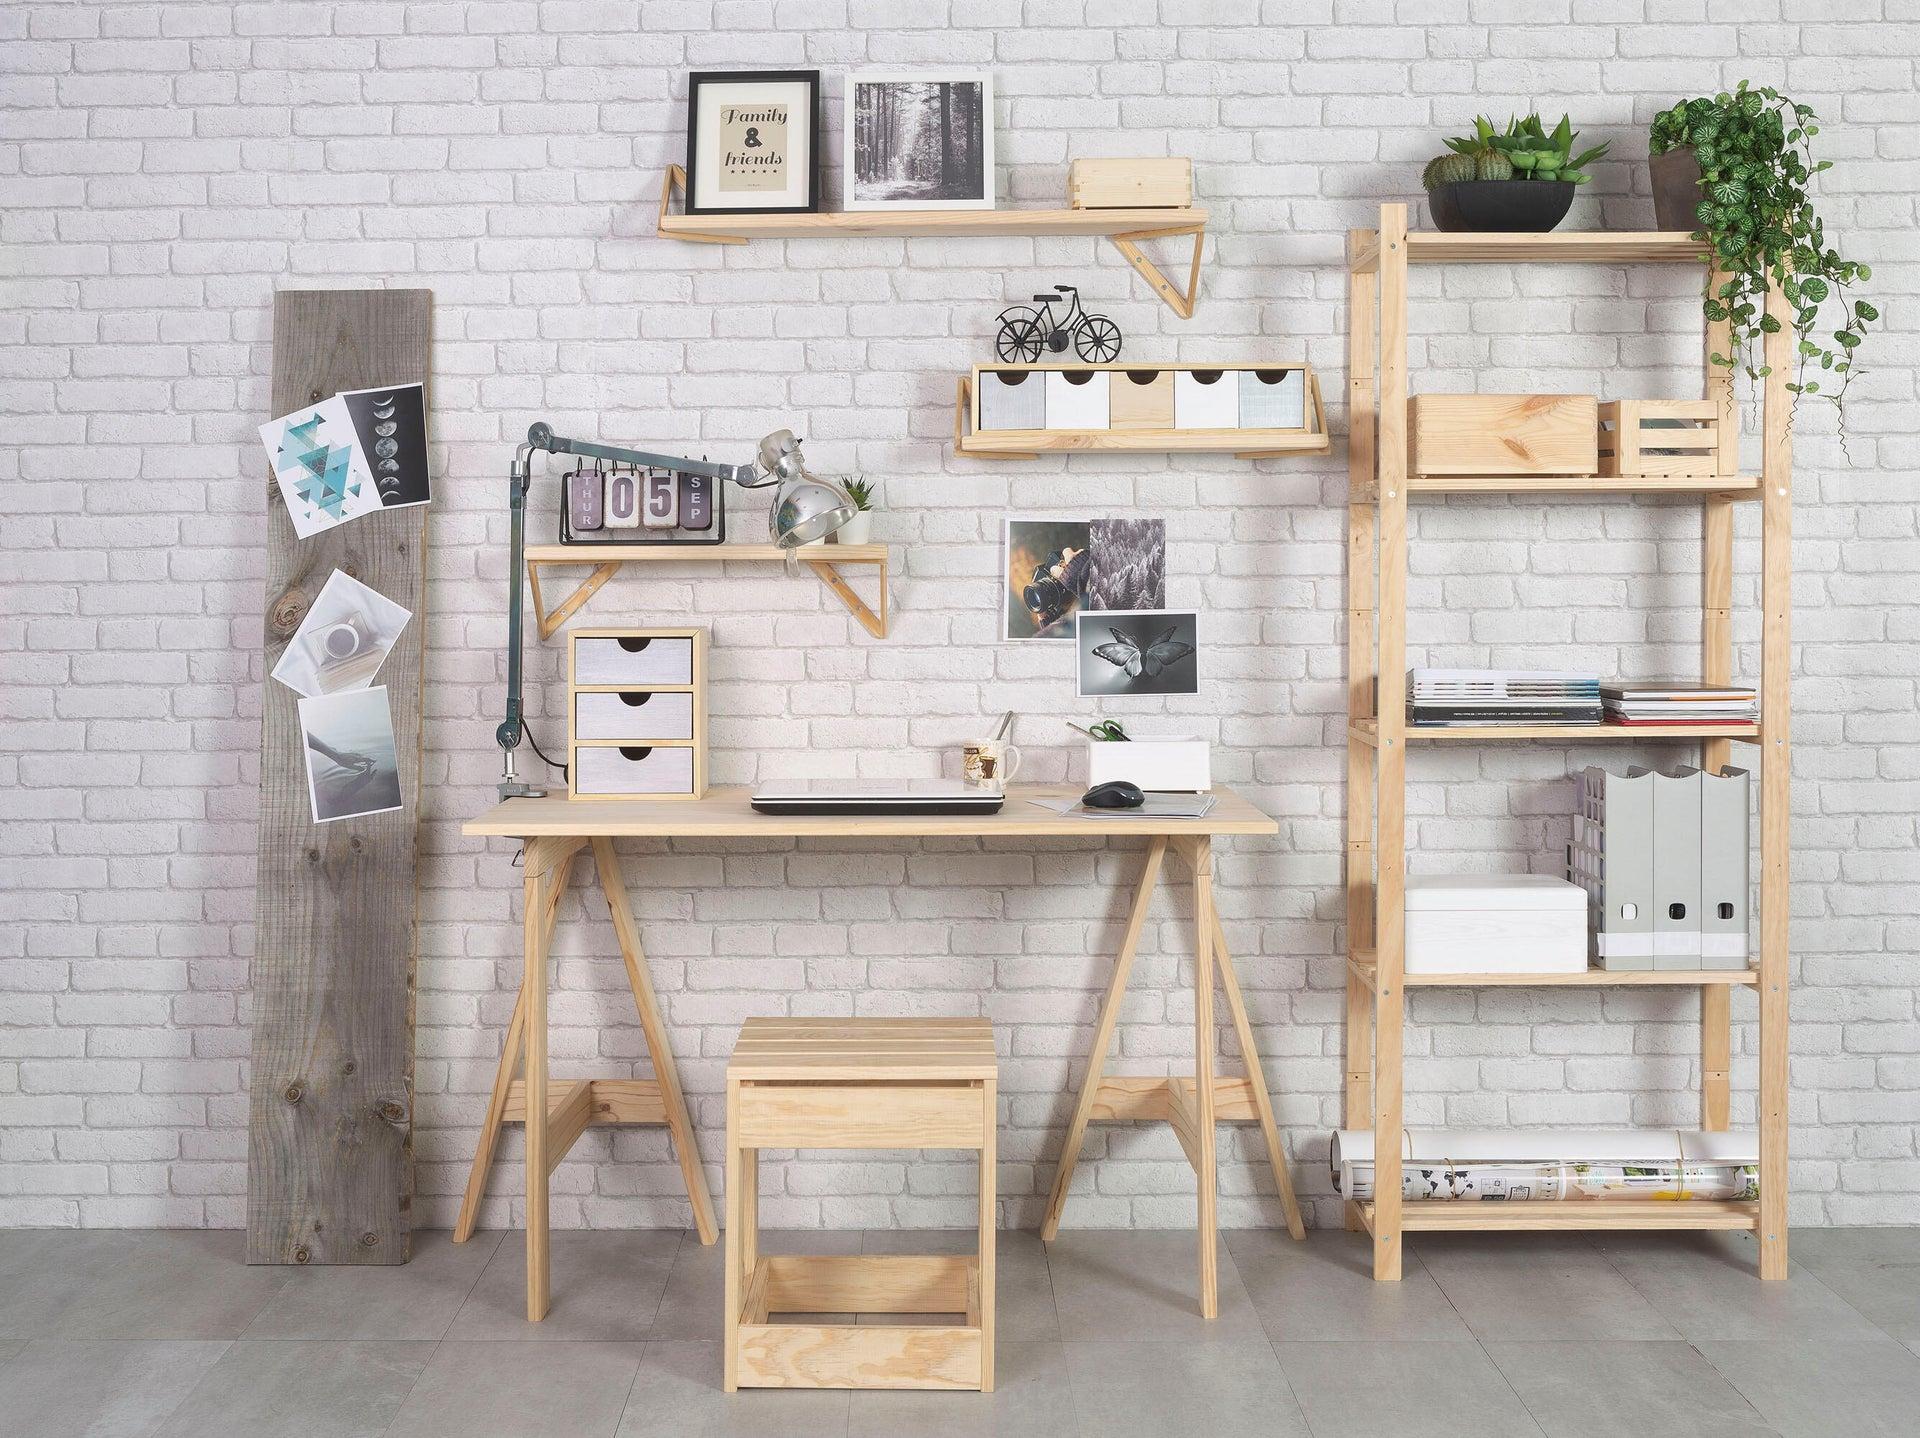 Scaffale in legno in kit L 65 x P 40 x H 171 cm naturale - 2